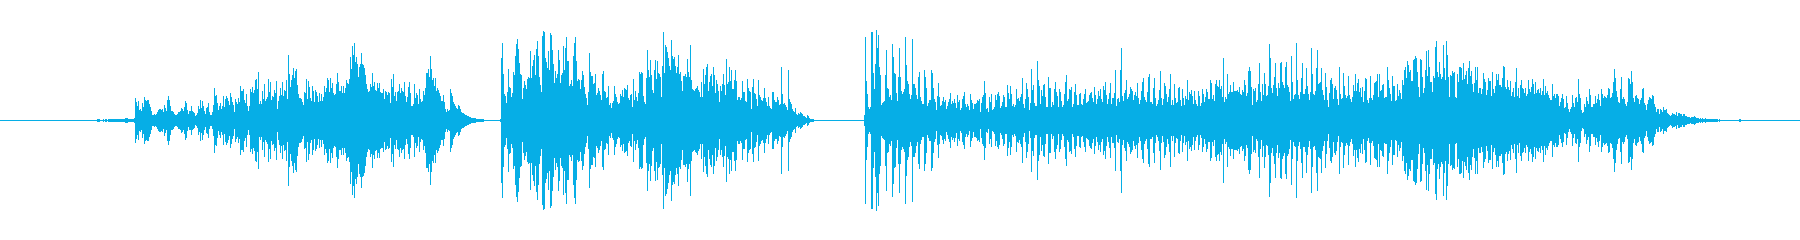 モンスター 窒息ゾンビ09の再生済みの波形